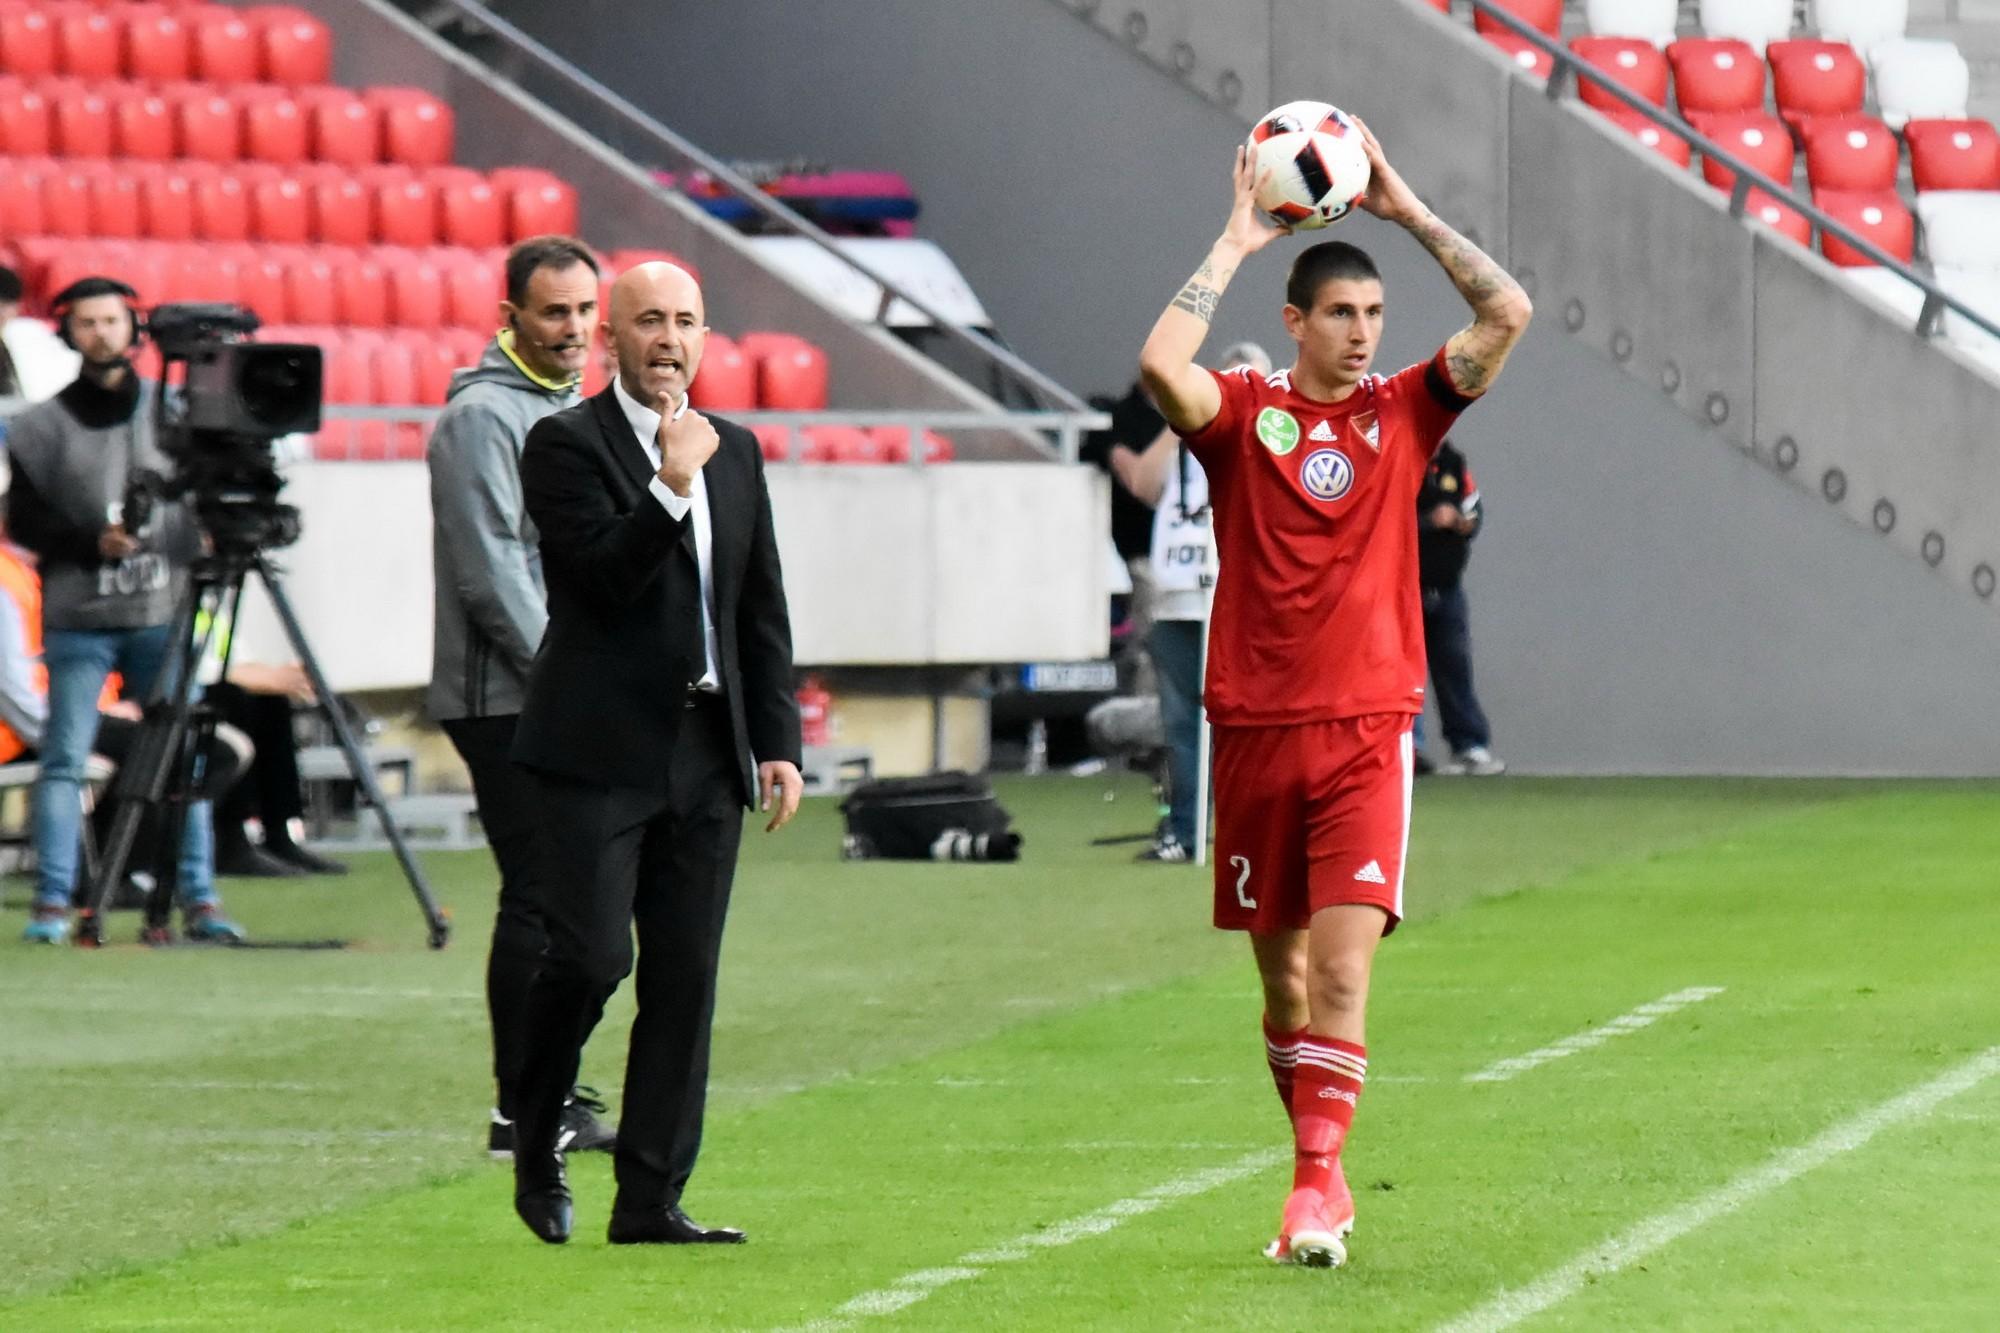 Így látta Pontes az Újpest elleni meccset +videó